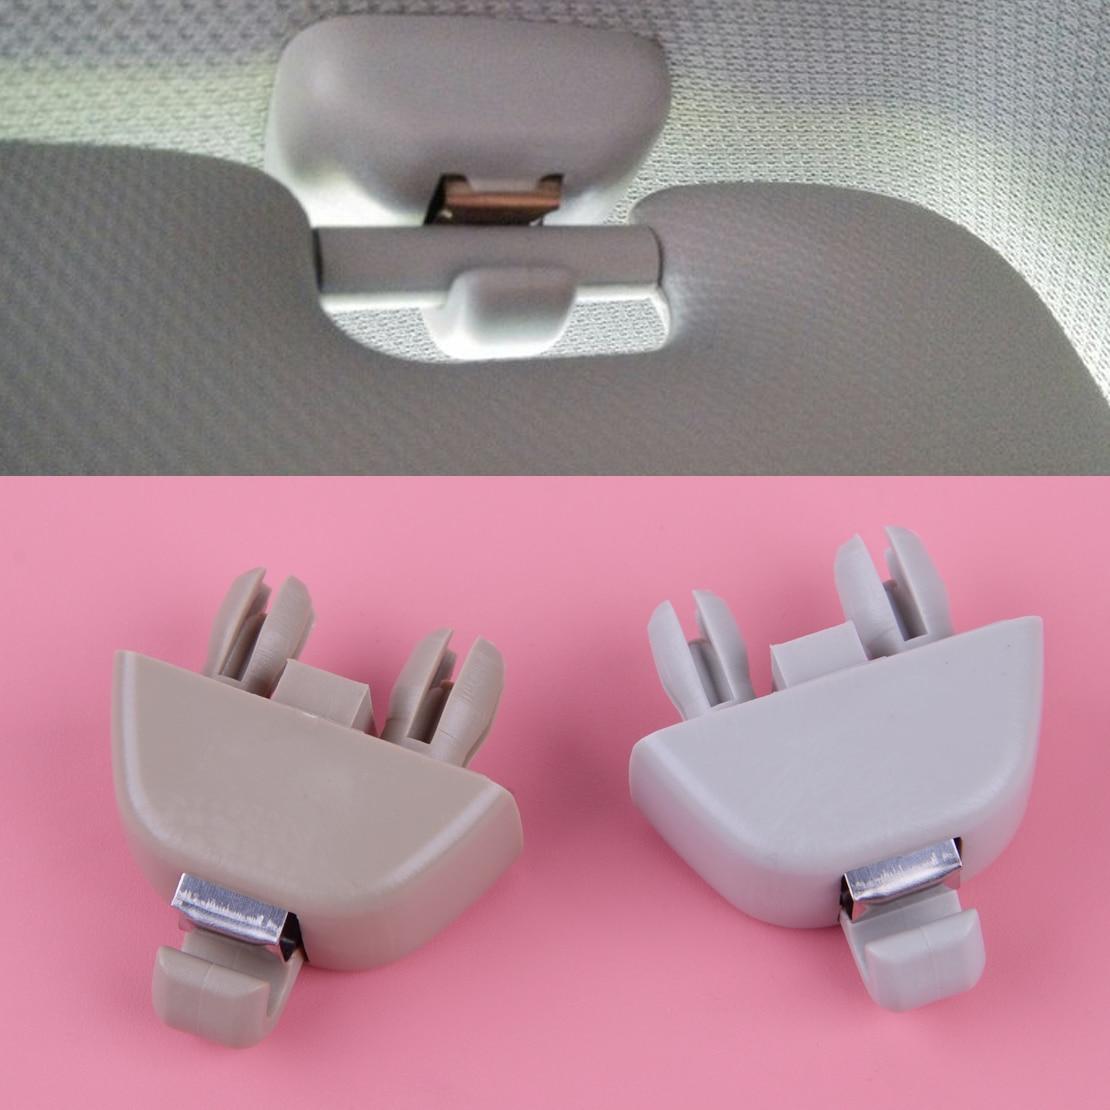 Qiilu Interior Sun Visor Clip Hook for Audi A1 A3 A4 S4 A5 S5 Q3 Q5 TT Quattro 8E0857562A